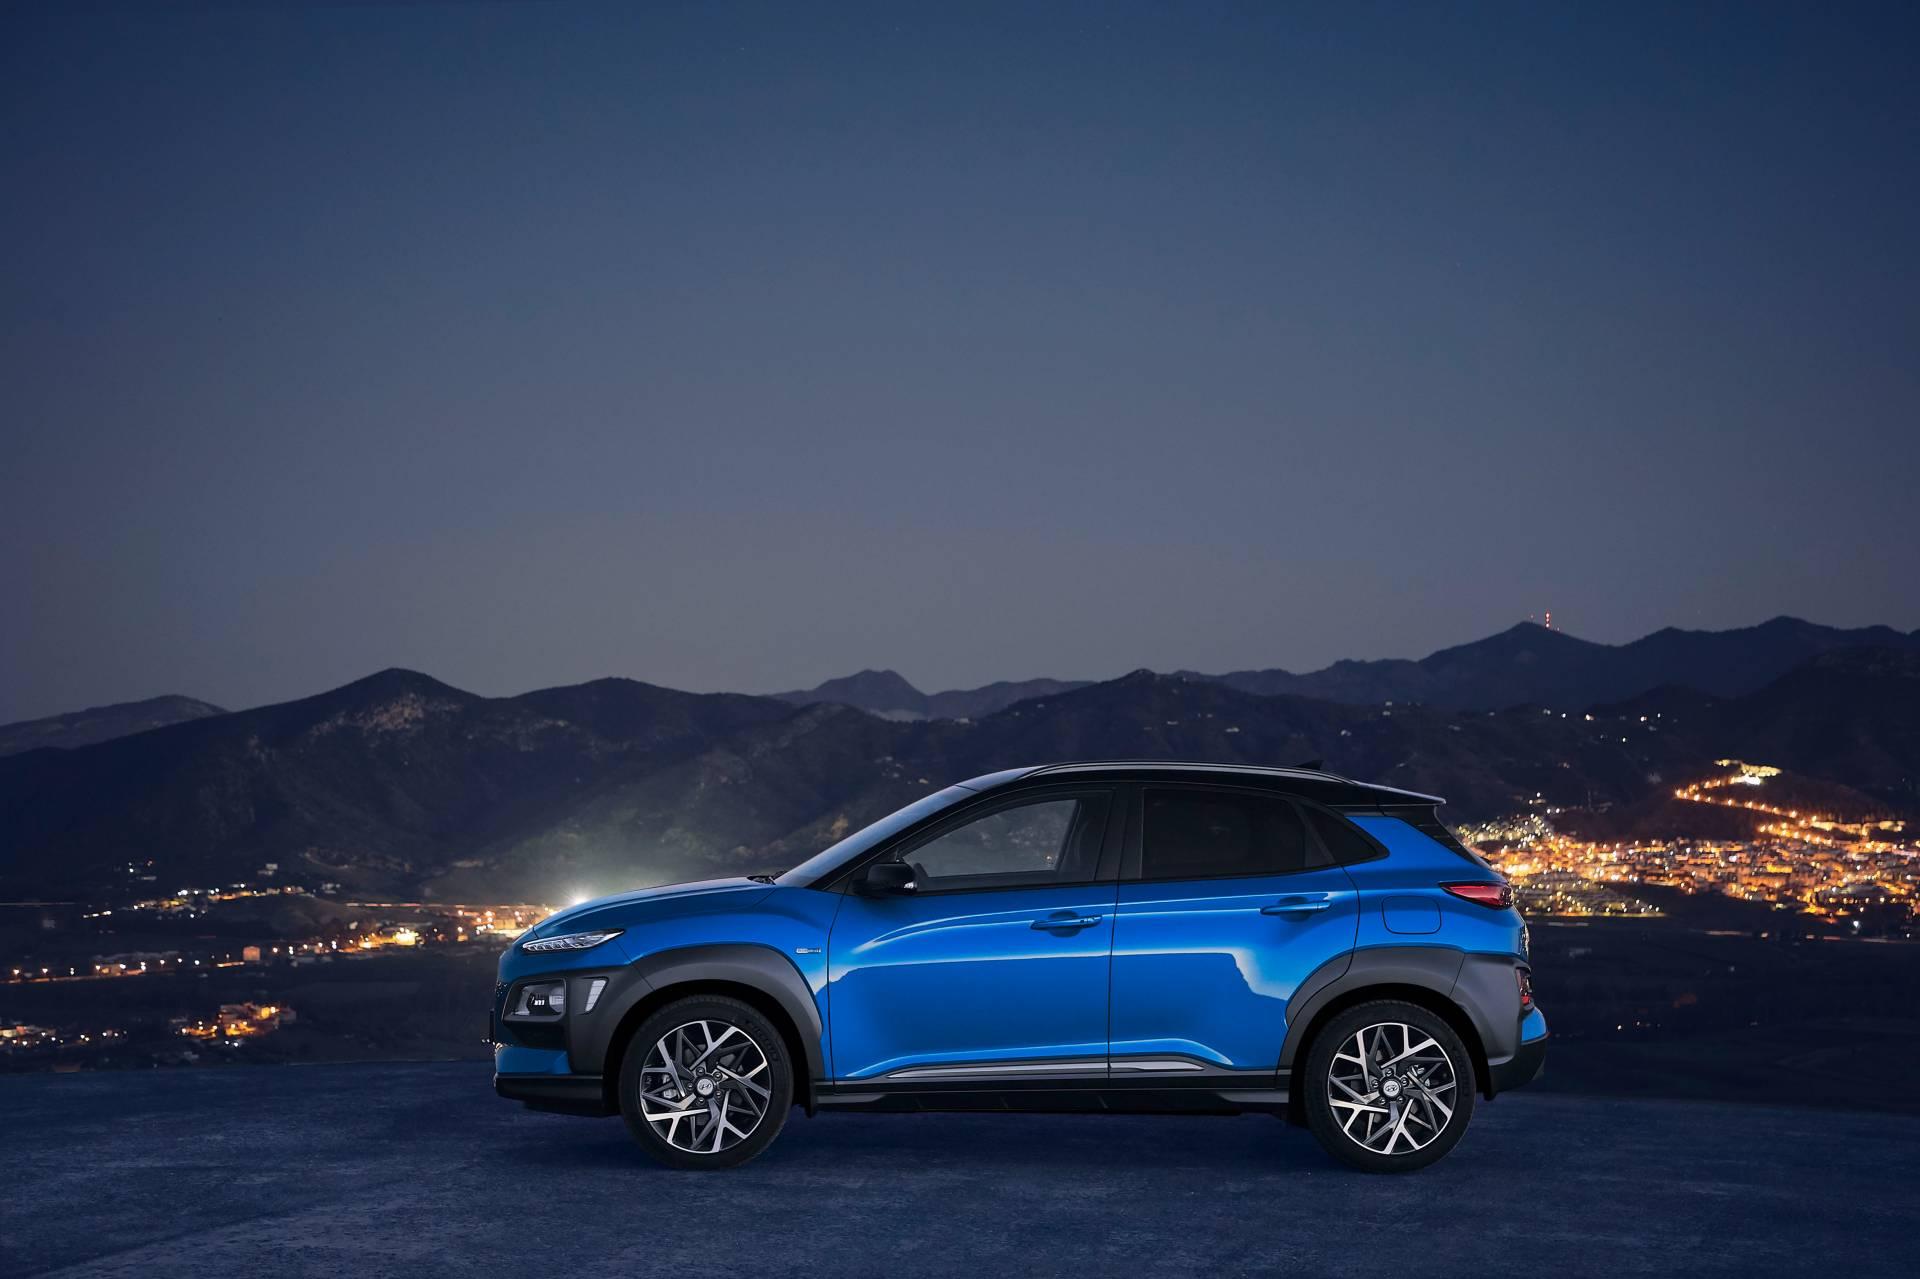 Hyundai lộ diện Kona phiên bản Hybrid tại thị trường Châu Âu - 11